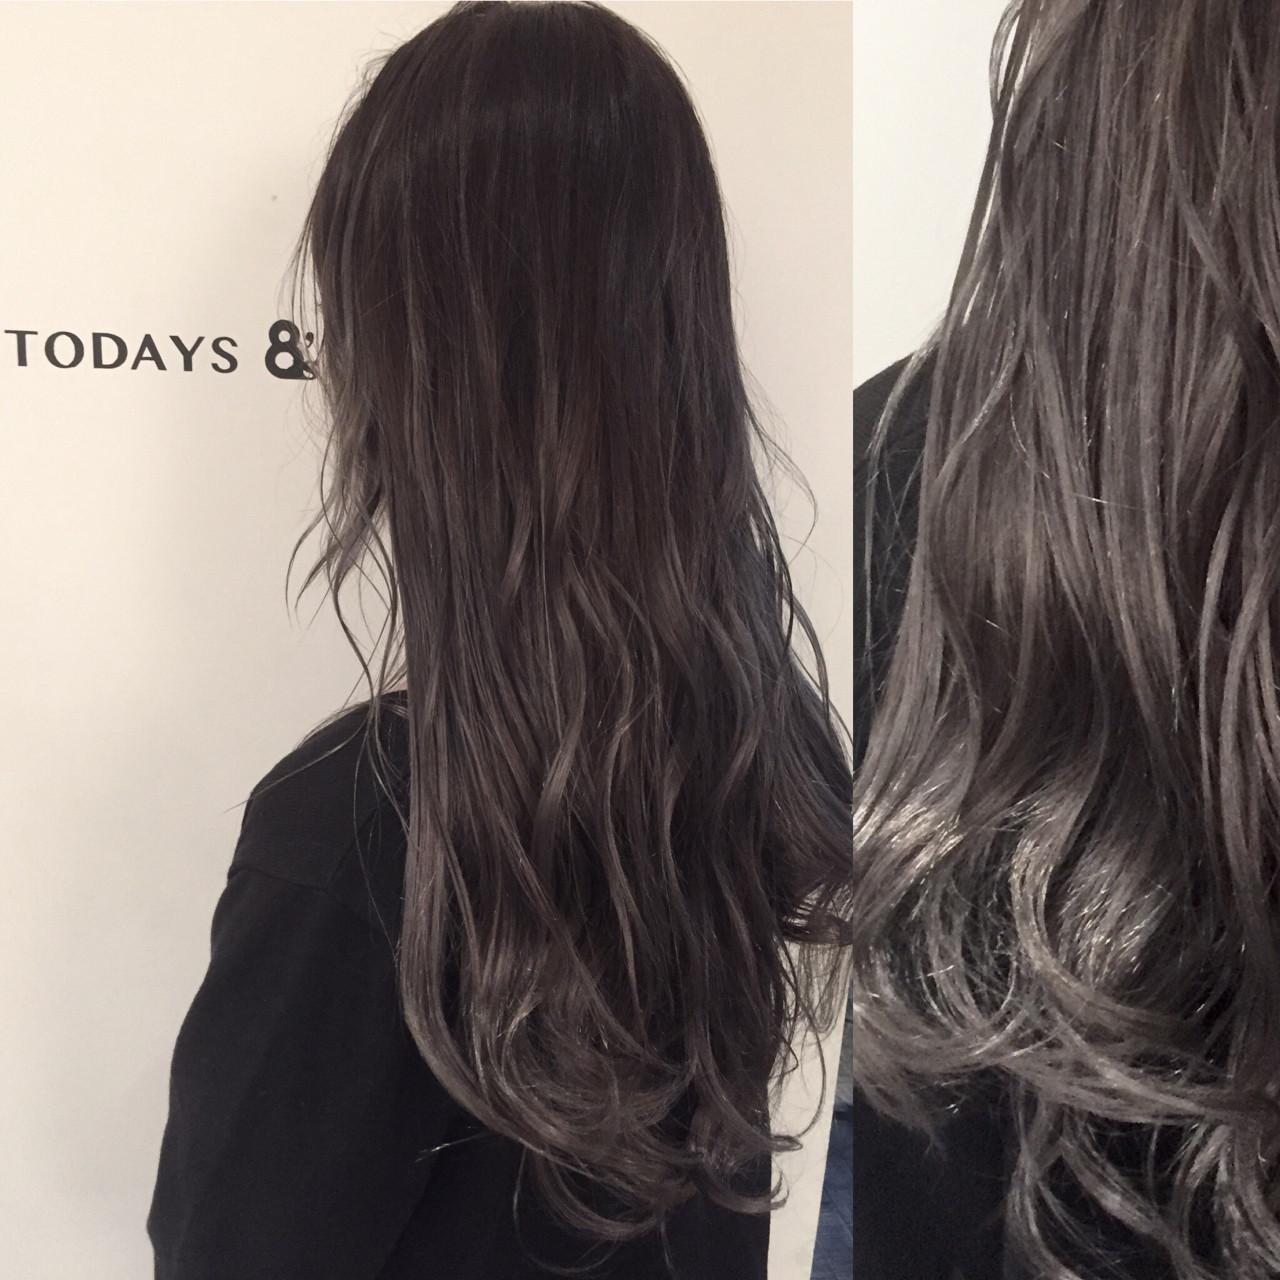 ストリート セミロング 外国人風 シルバーアッシュ ヘアスタイルや髪型の写真・画像